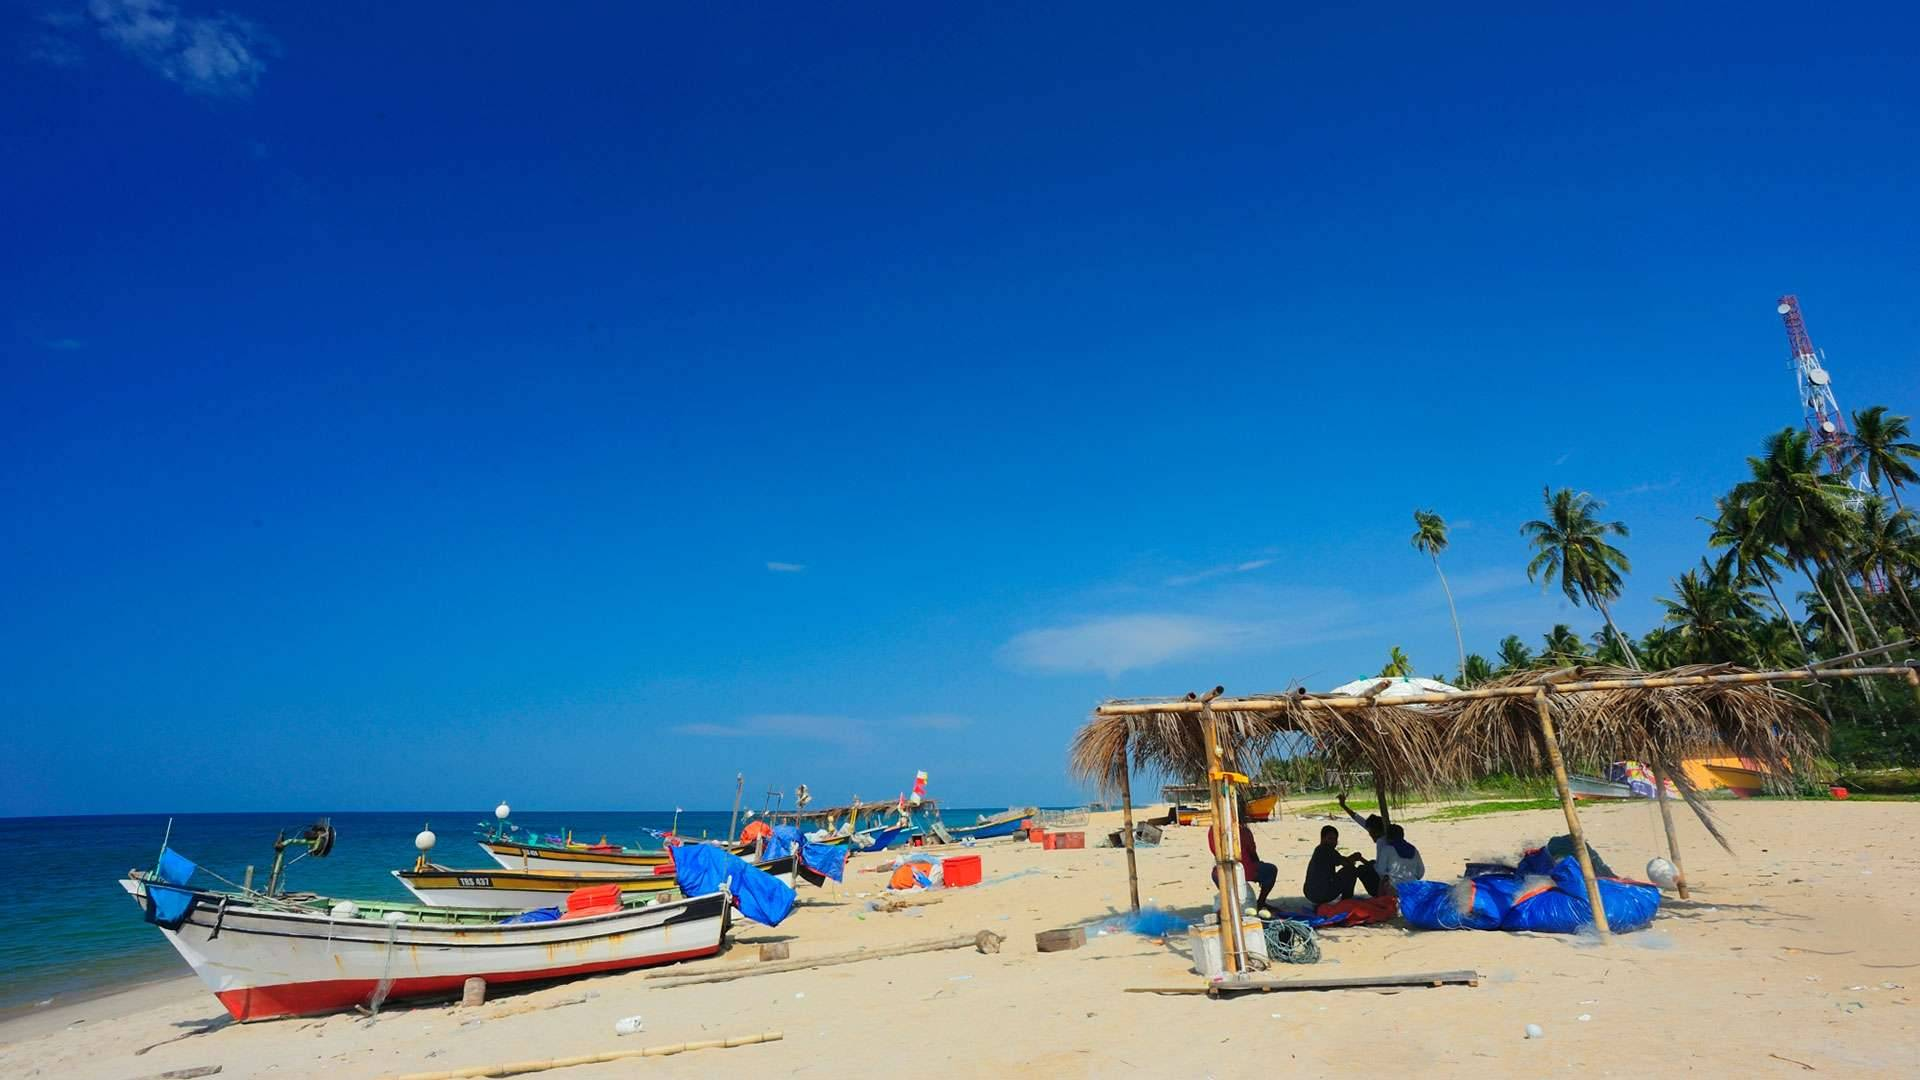 Batu Rakit Pulau Redang Island Terengganu Malaysia